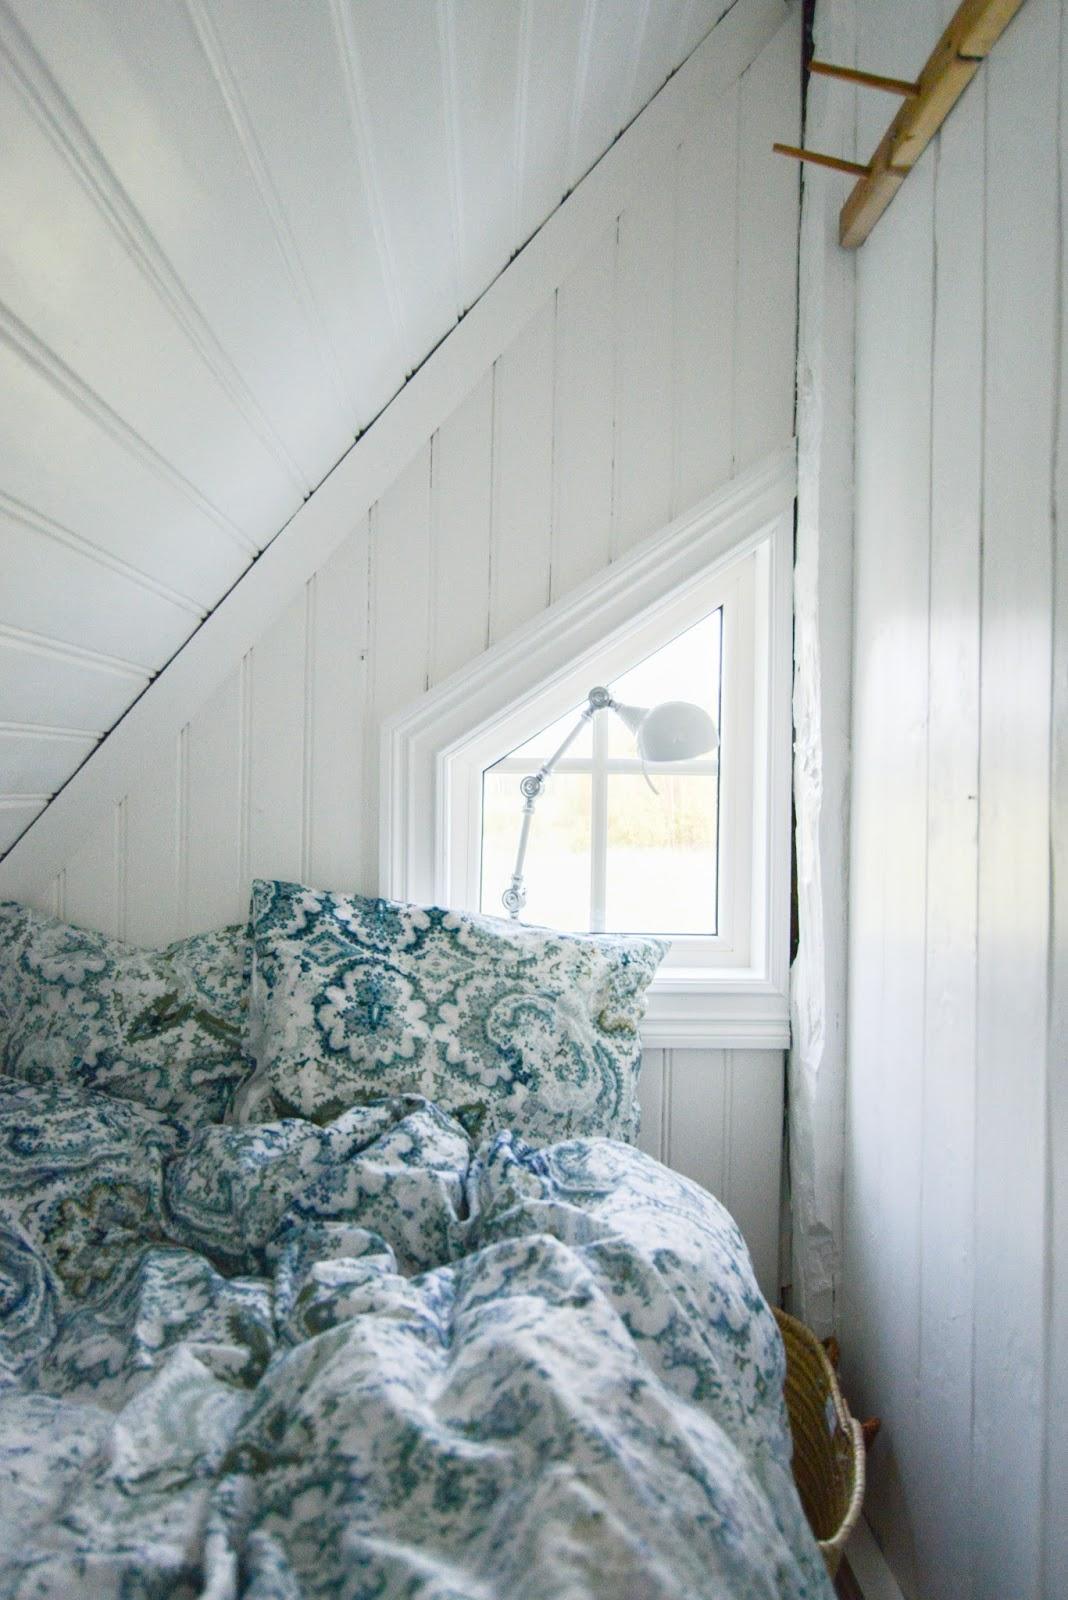 Add: design / anna stenberg / lantligt på svanängen: gästrummet ...